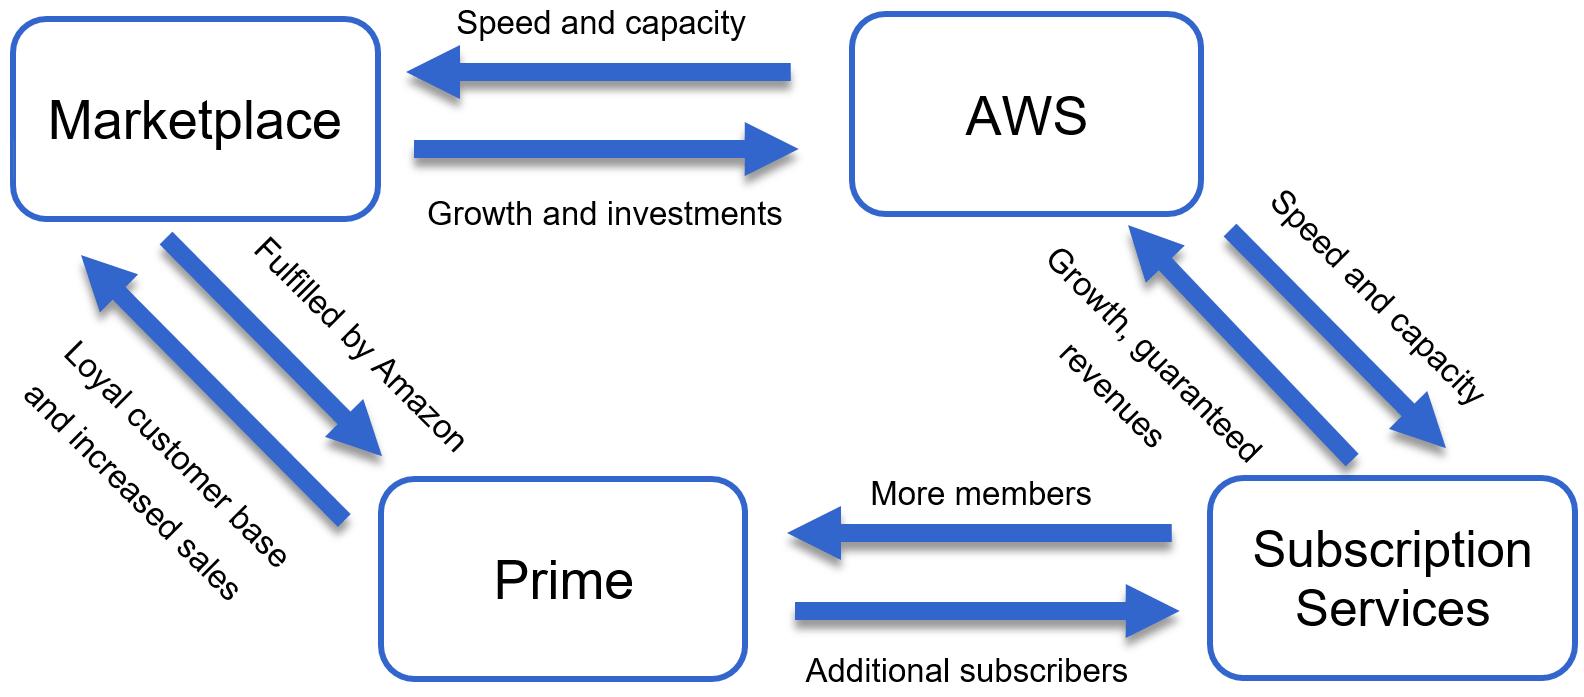 amazon global scale